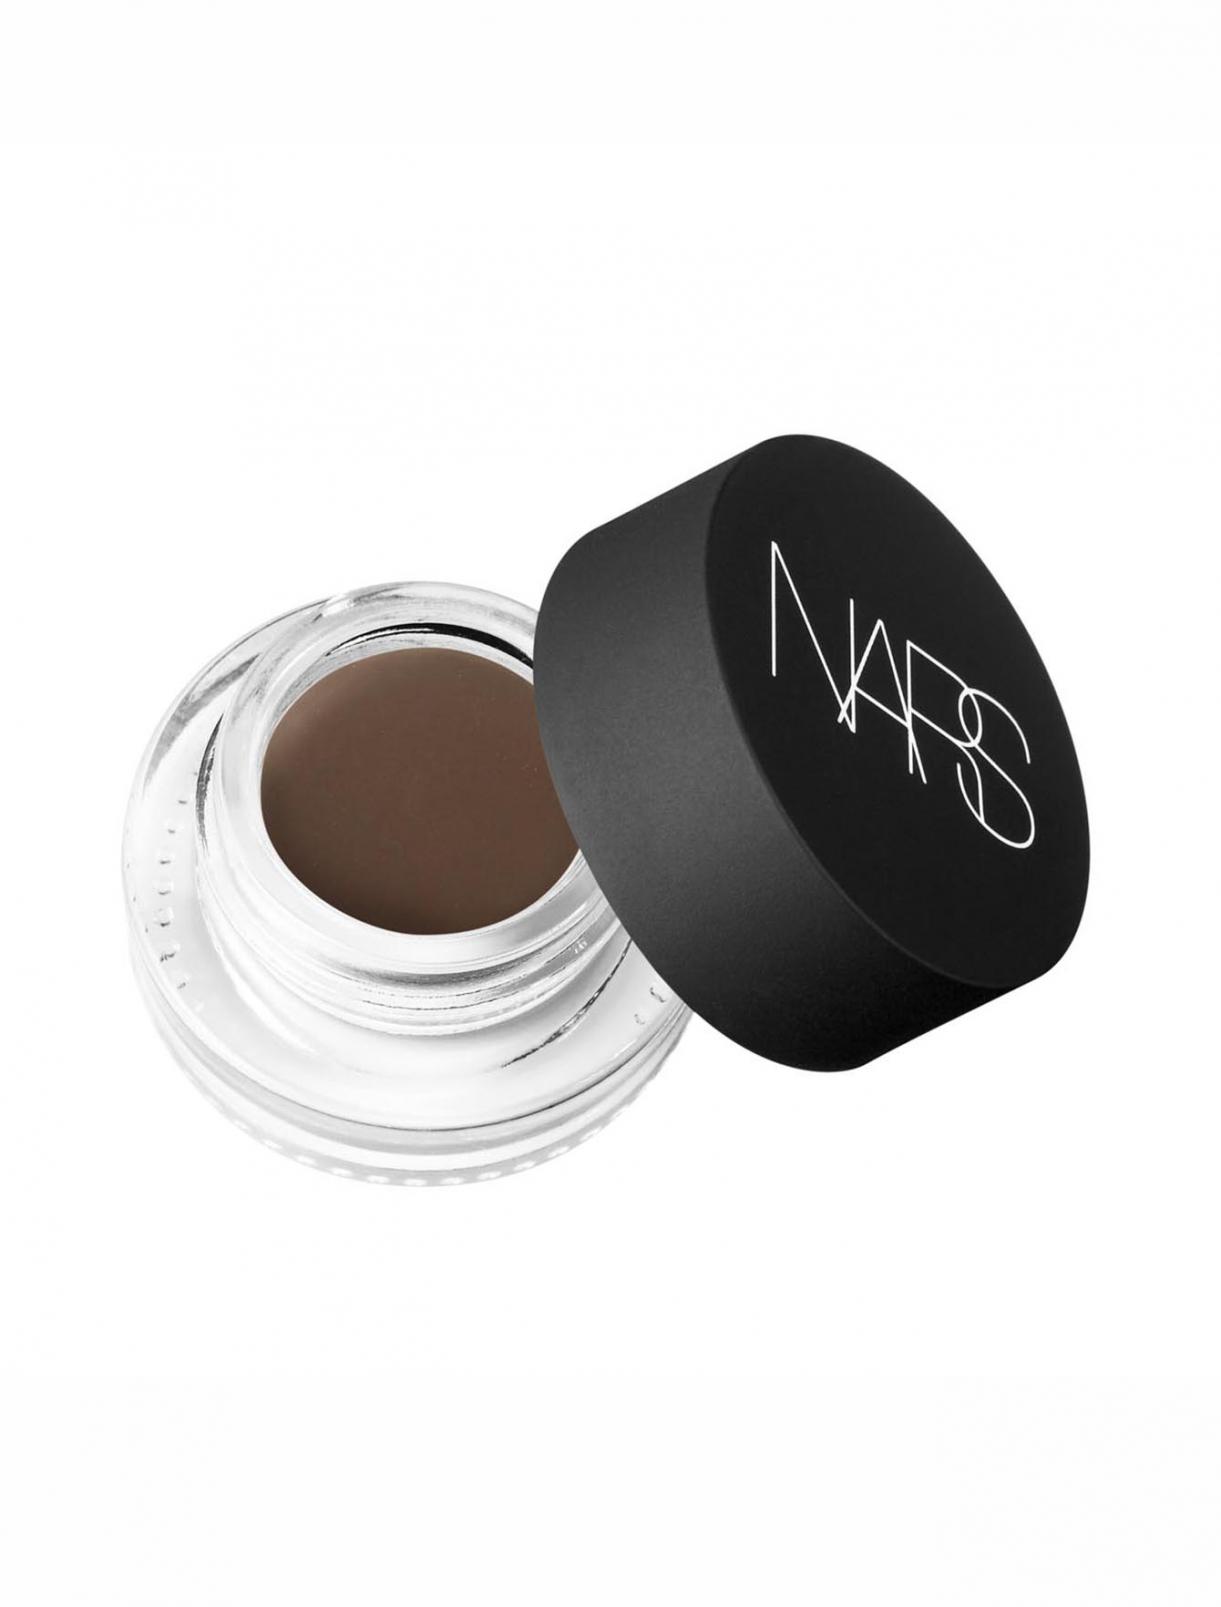 Кремовые тени для бровей TANAMI Makeup NARS  –  Общий вид